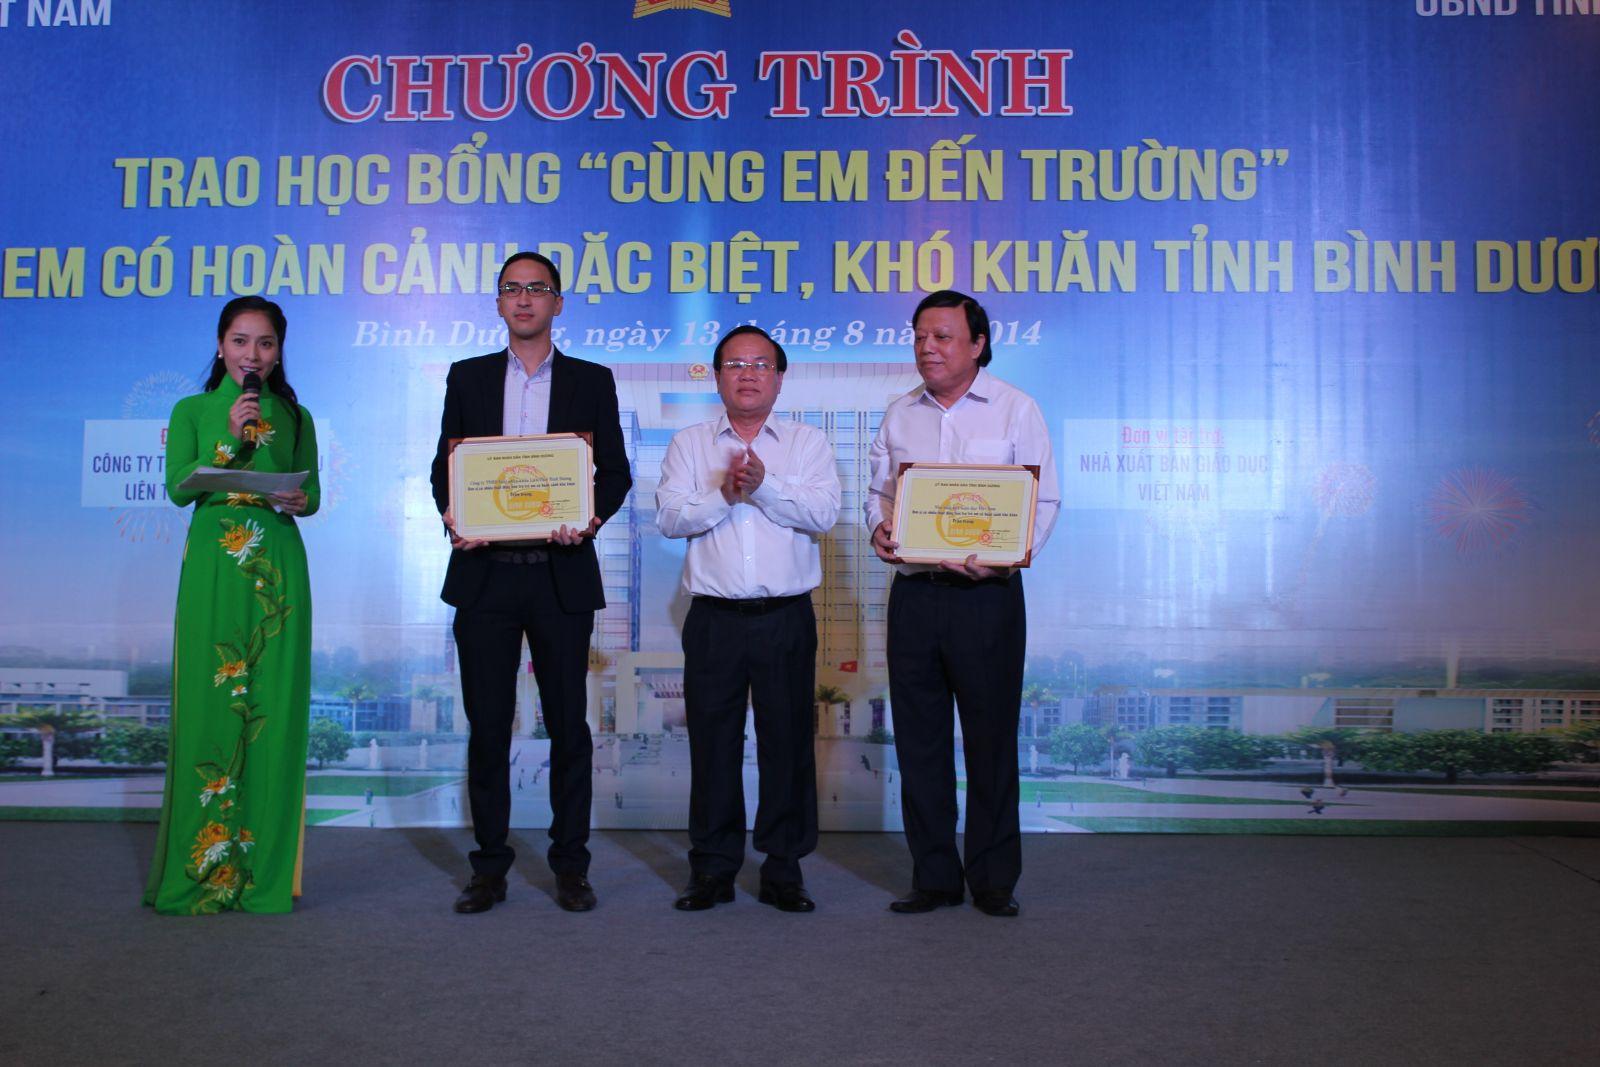 Nhà xuất bản Giáo dục Việt Nam đồng hành cùng Qũy bảo trợ trẻ em Việt Nam